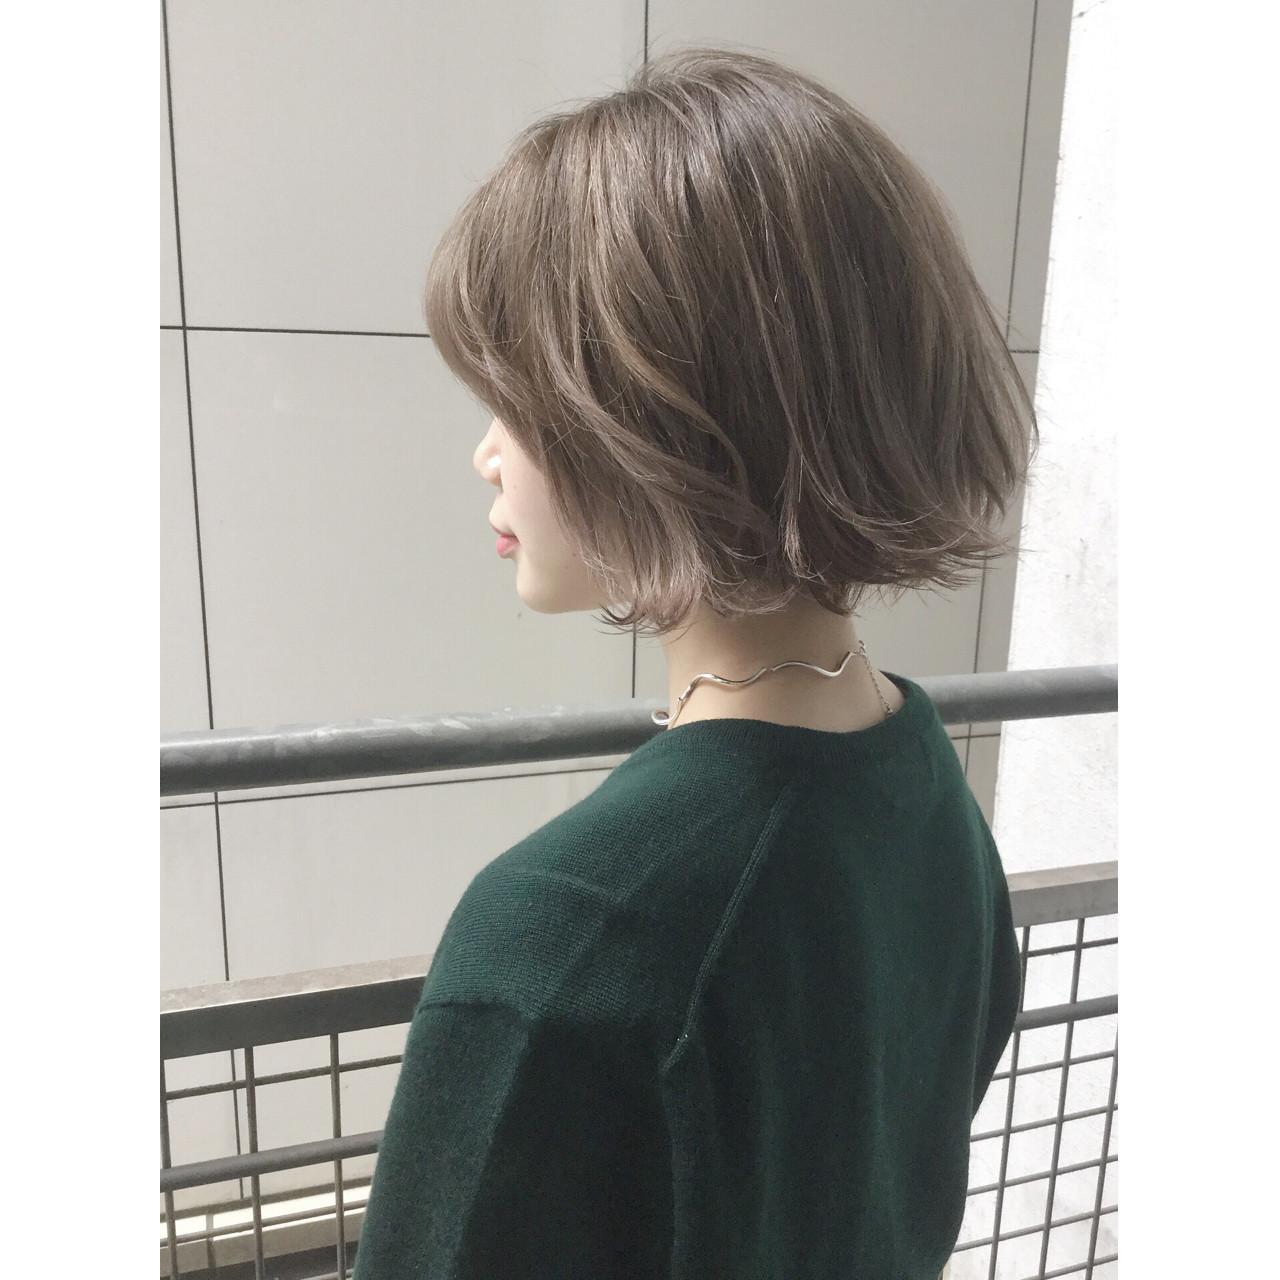 【2017年】まだ遅くない!透明感がほしいなら外国人風カラーがおすすめ 坂本一馬/Garden hair